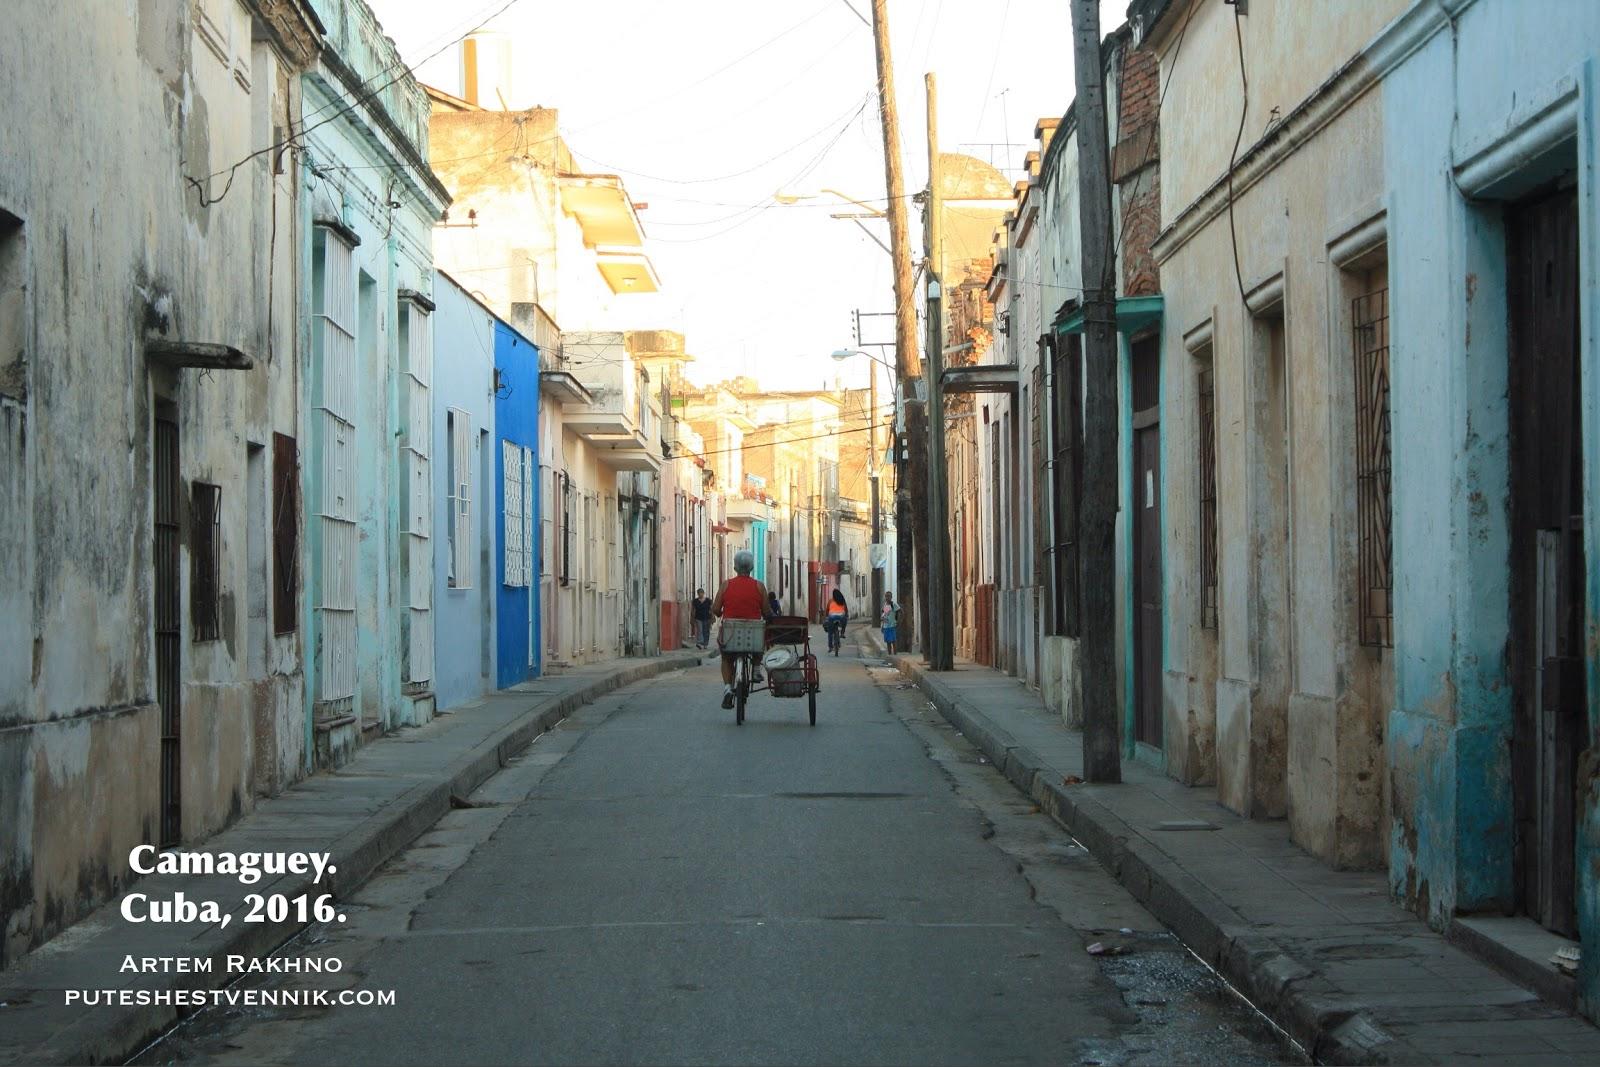 Утро на улице города на Кубе